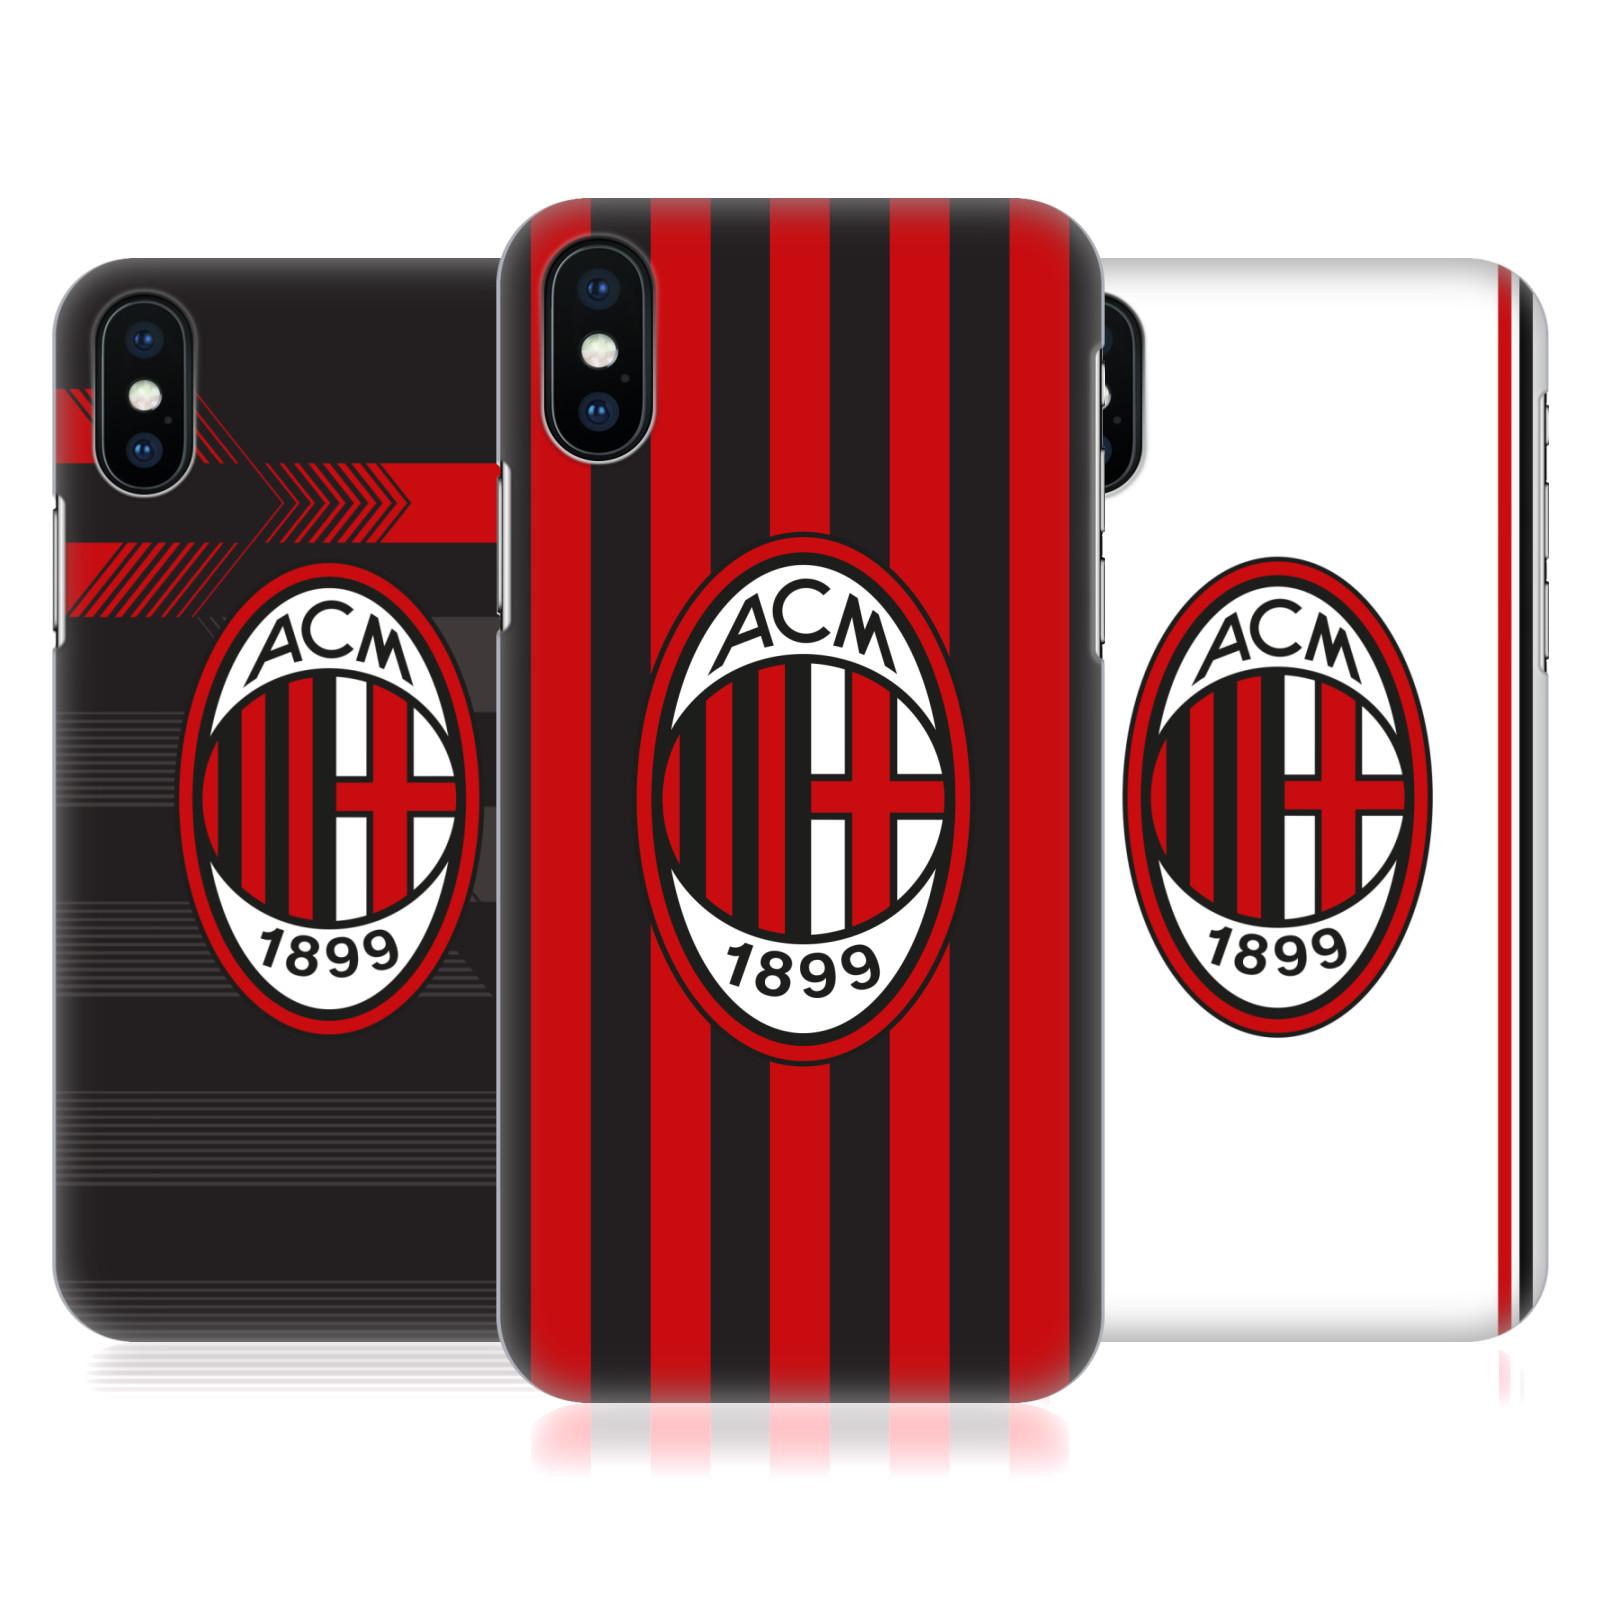 AC Milan 2017/18 Crest Kit